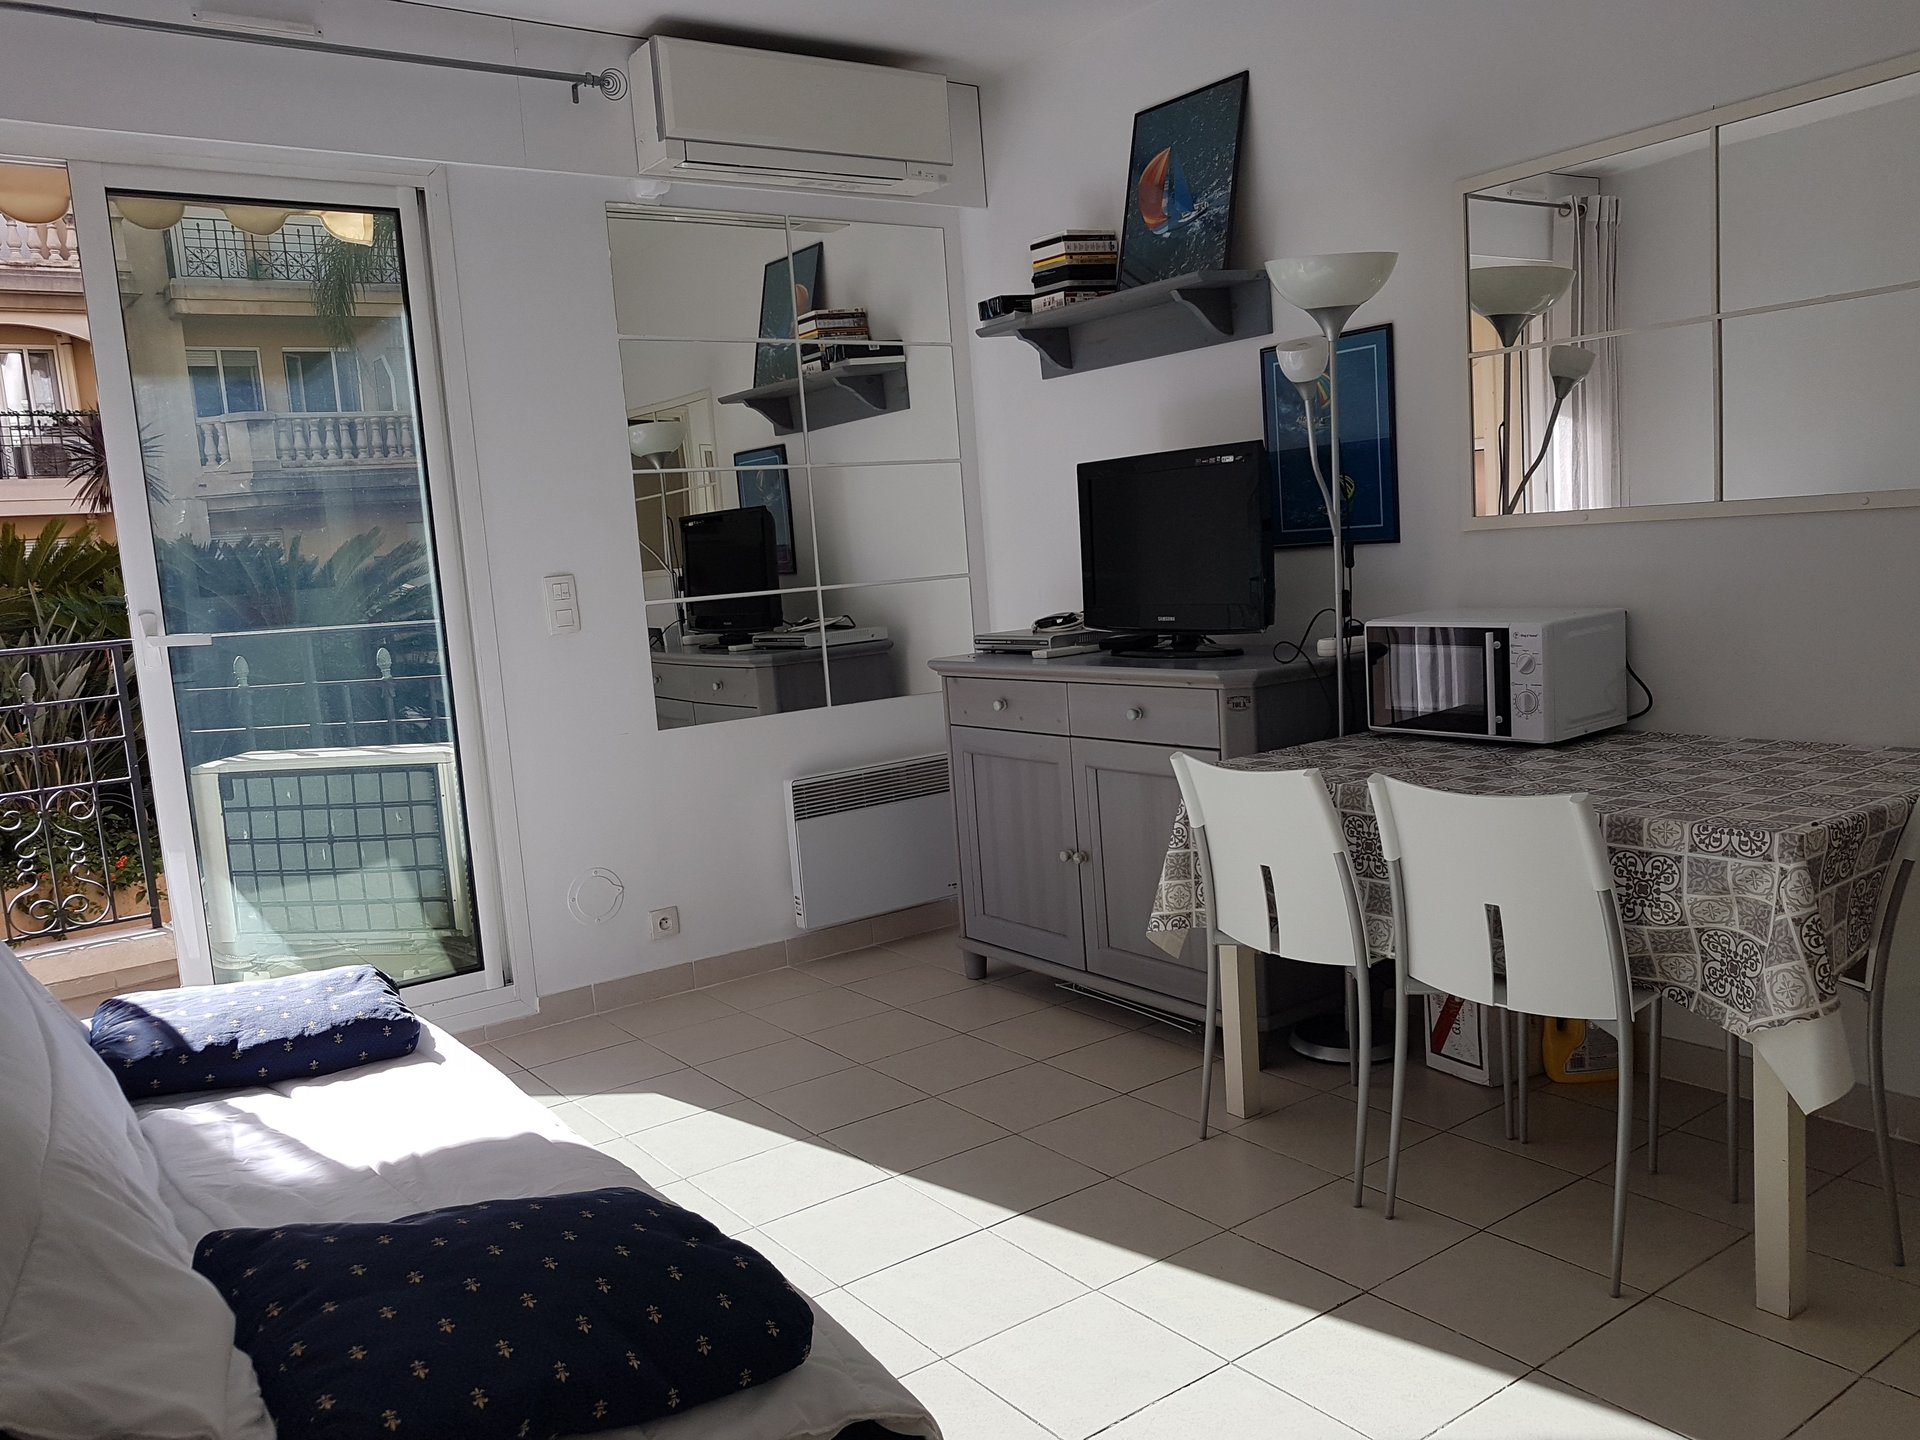 Affitto Appartamento - Mentone (Menton) Centre